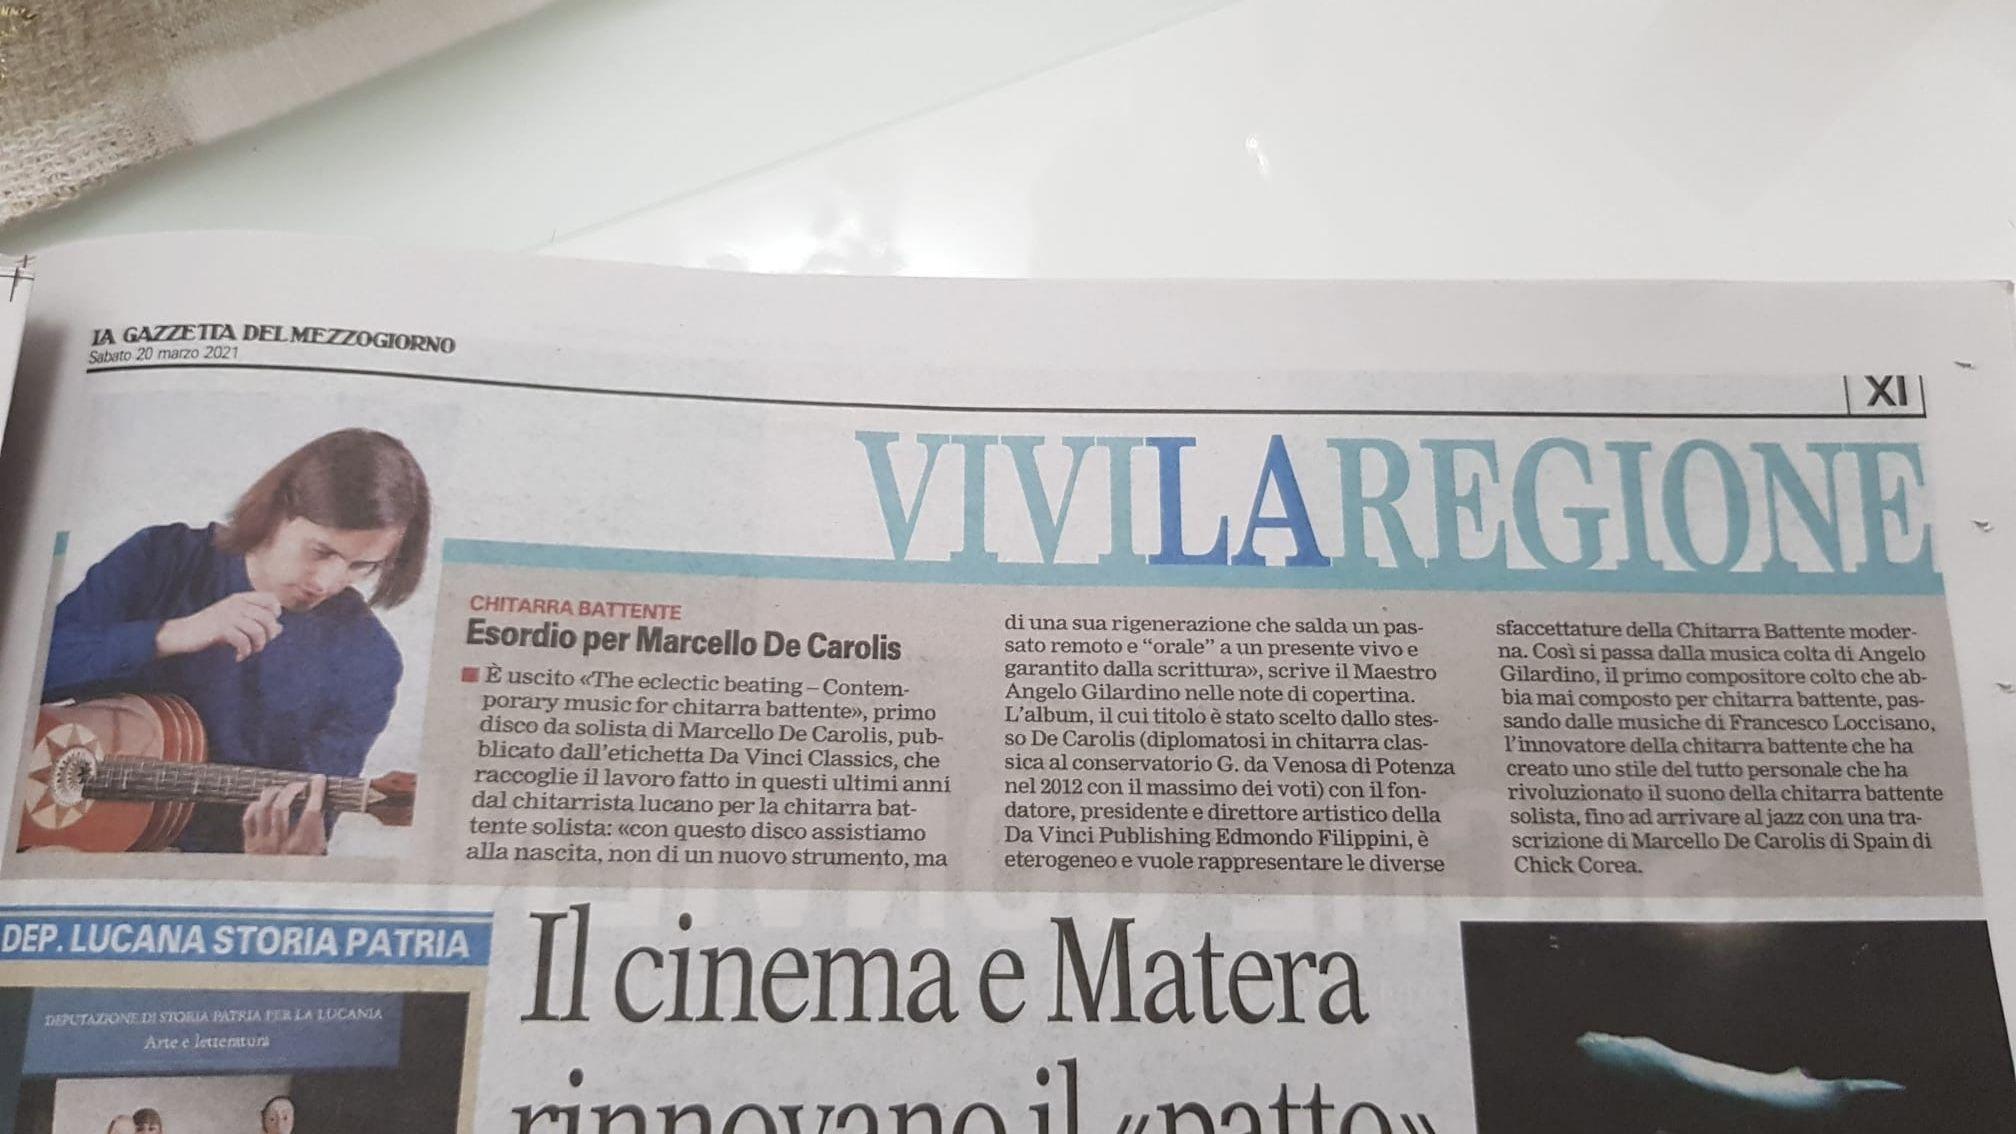 Articolo de La Gazzetta del mezzogiorno su the eclettico beating - contemporary music for chitarra battente di Marcello De Carolis